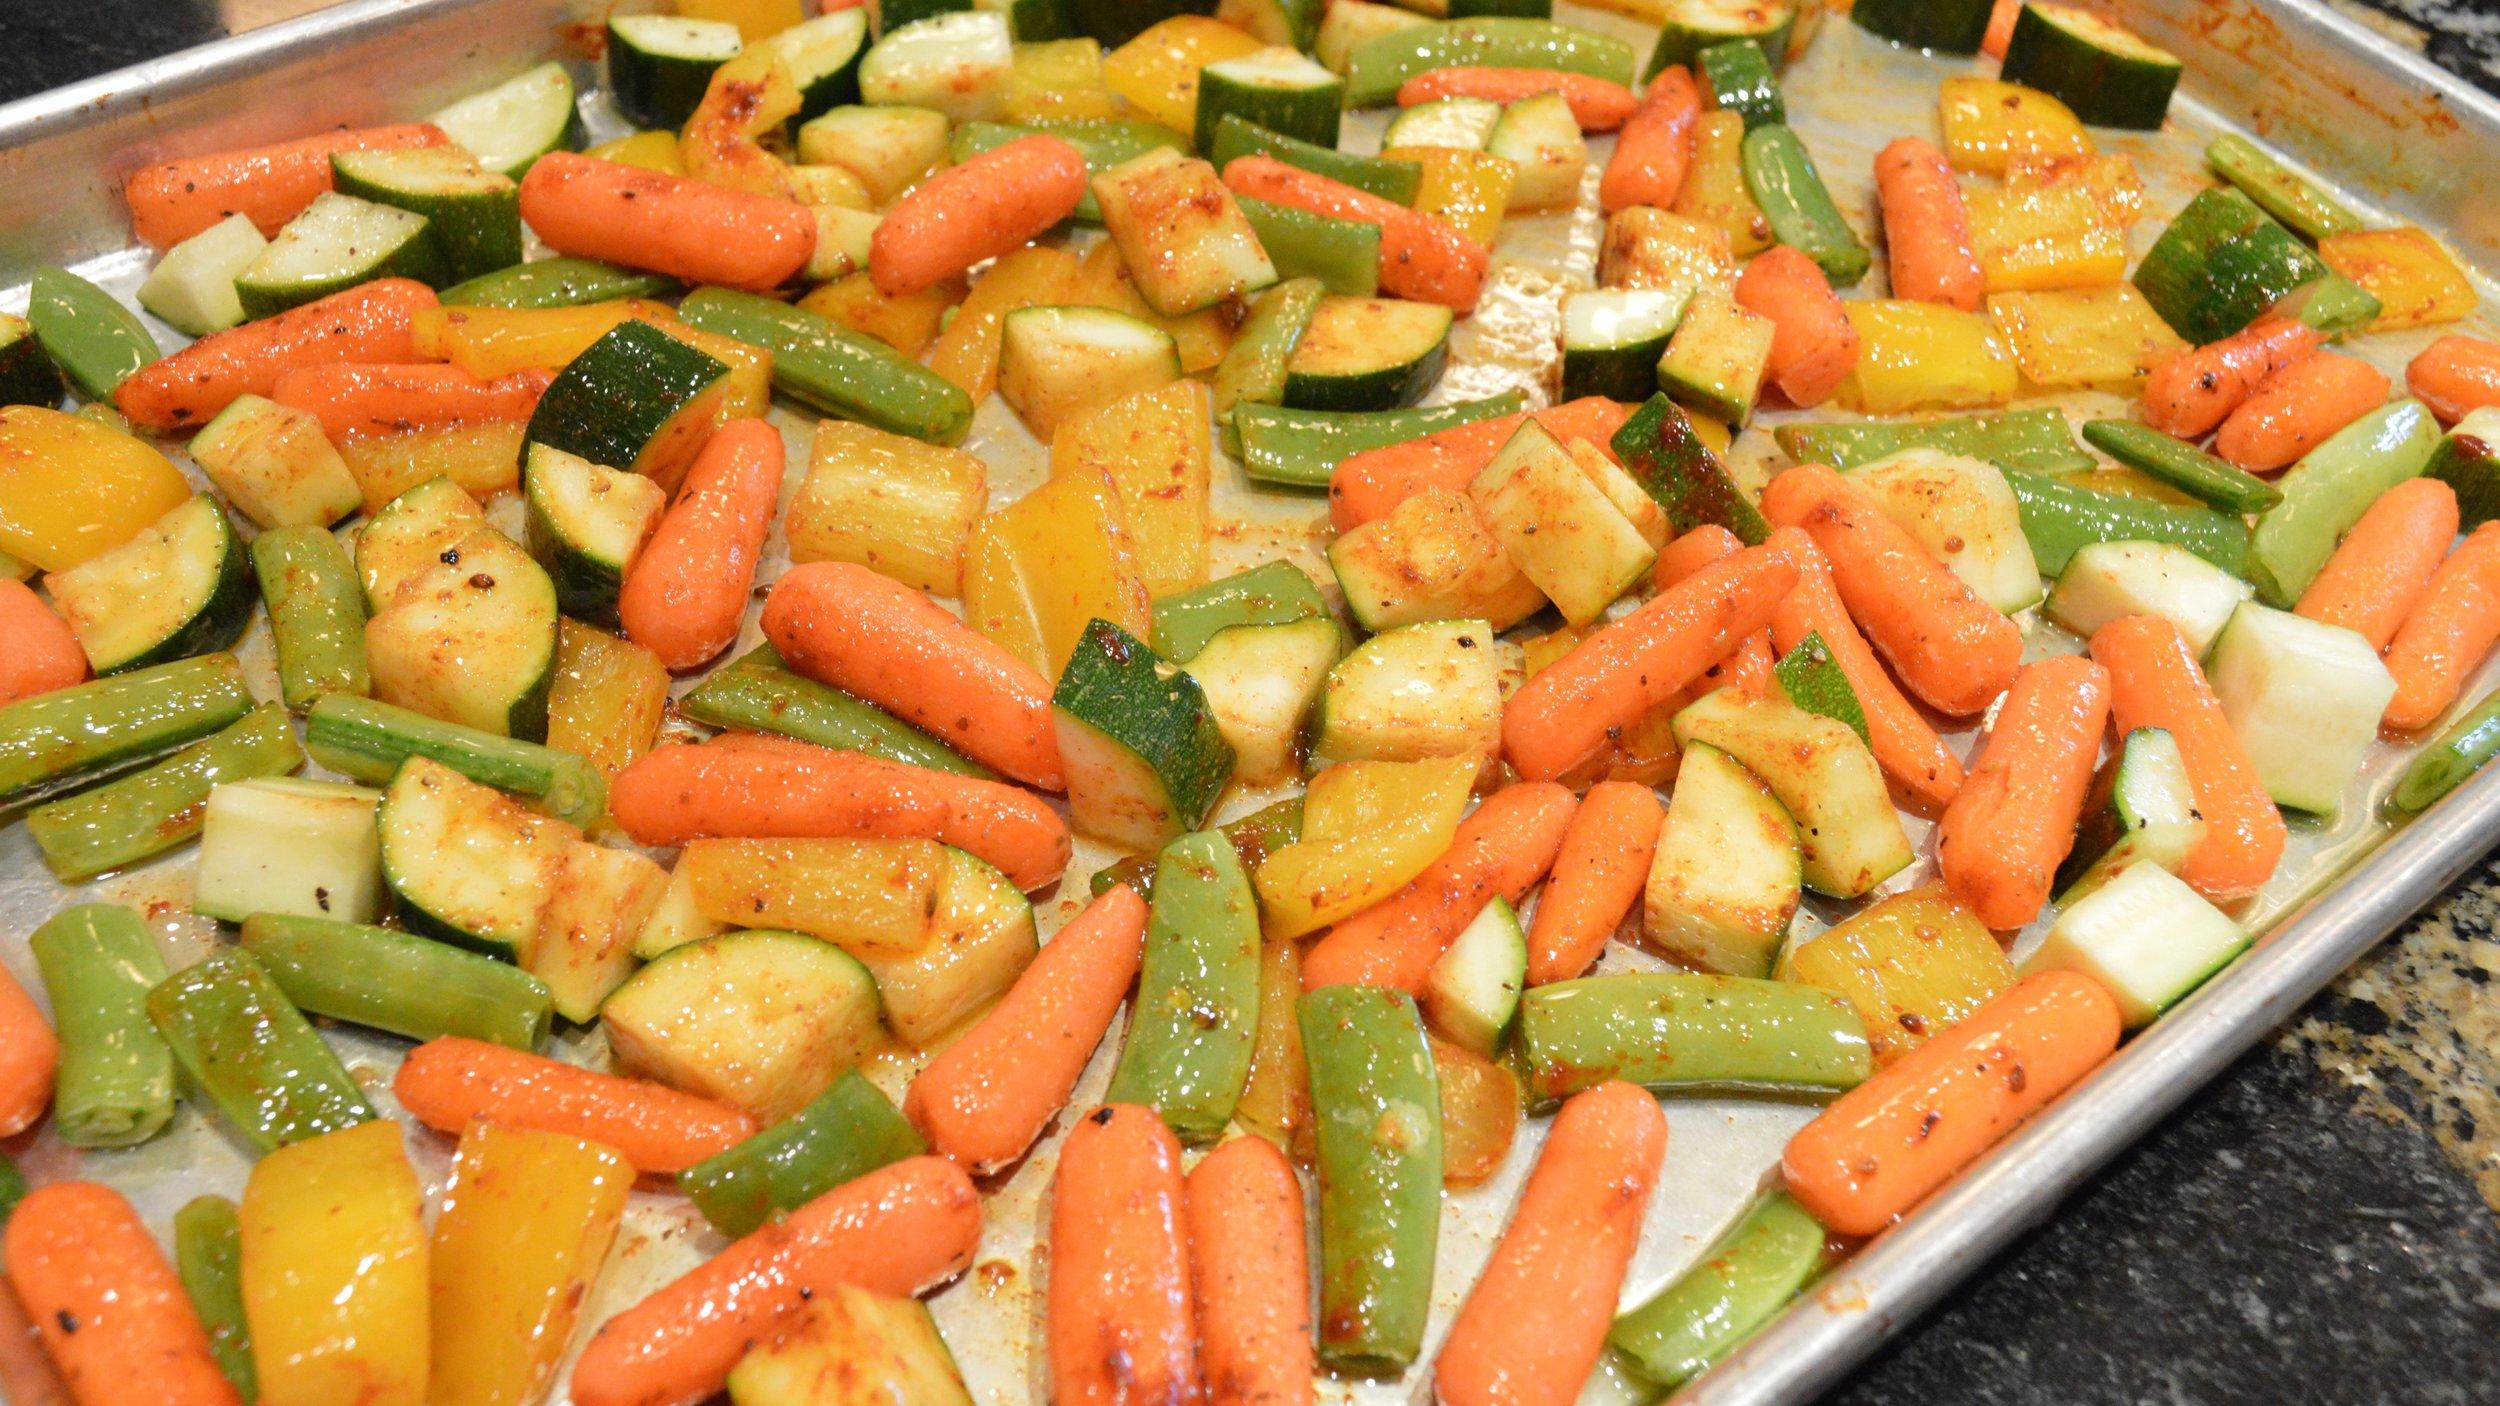 BNS_roasted veggies.jpg